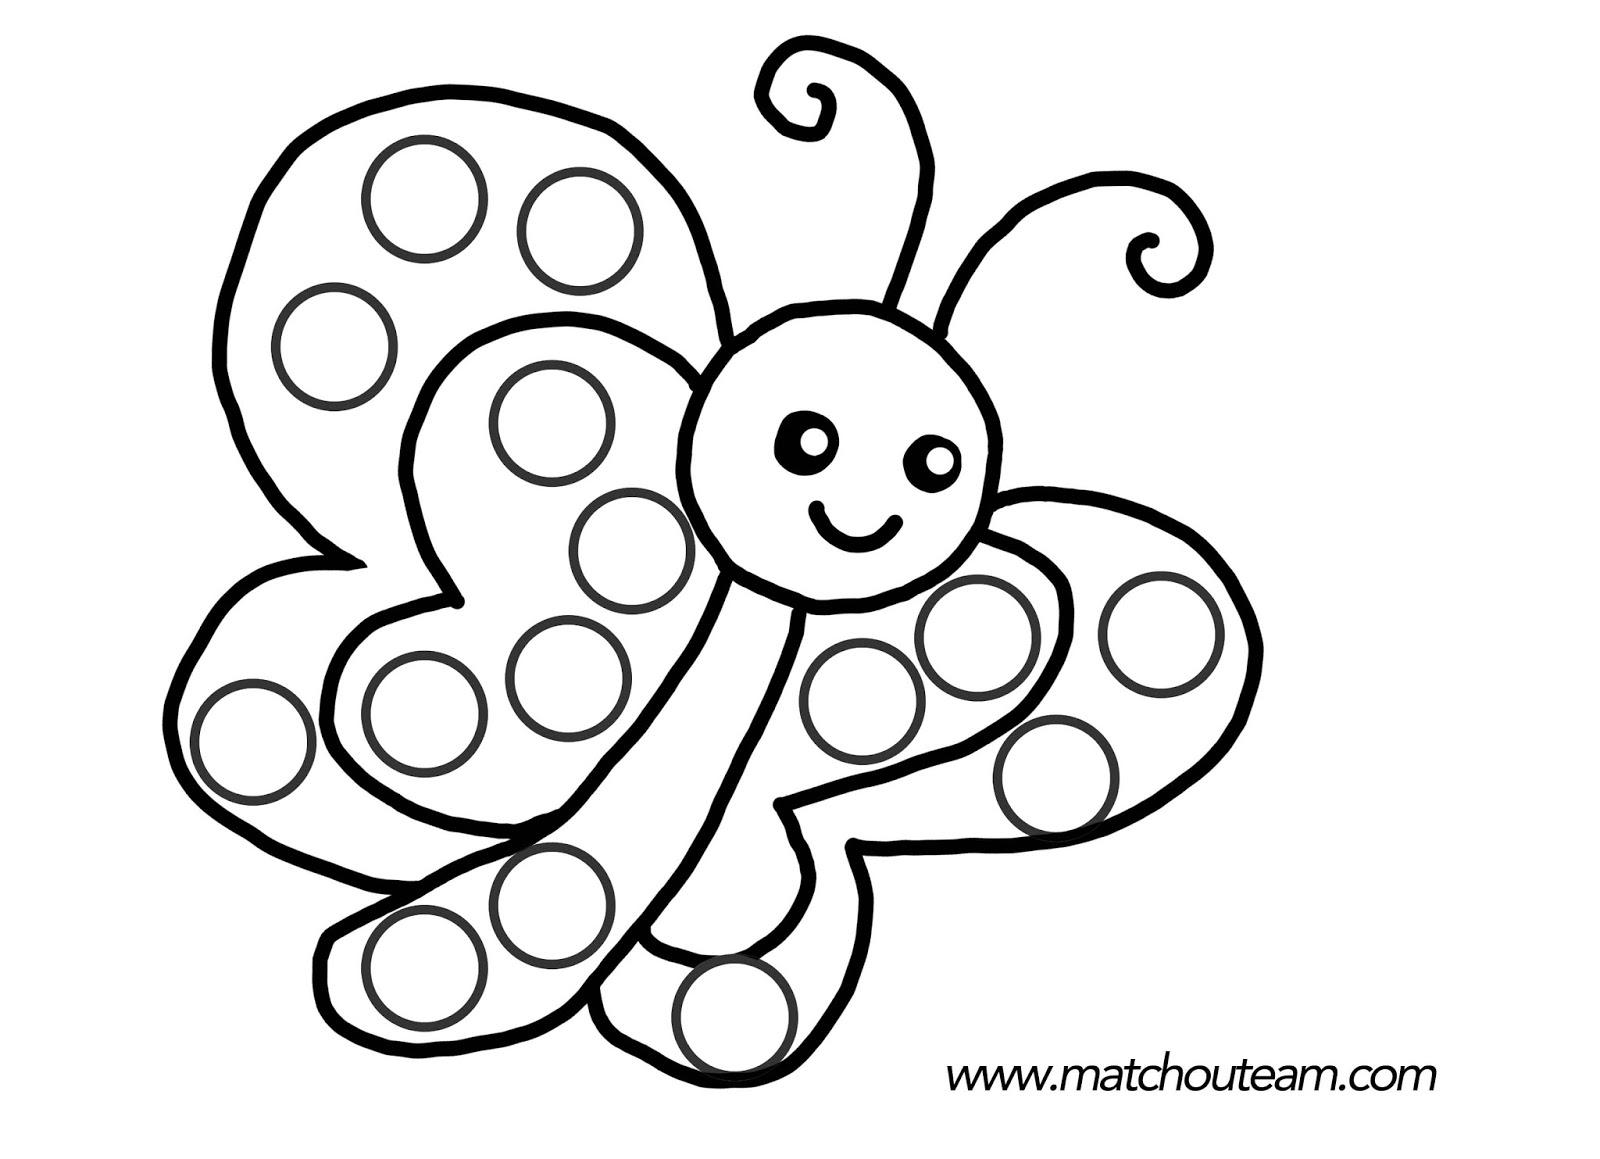 96 dessins de coloriage insectes rigolos imprimer. Black Bedroom Furniture Sets. Home Design Ideas